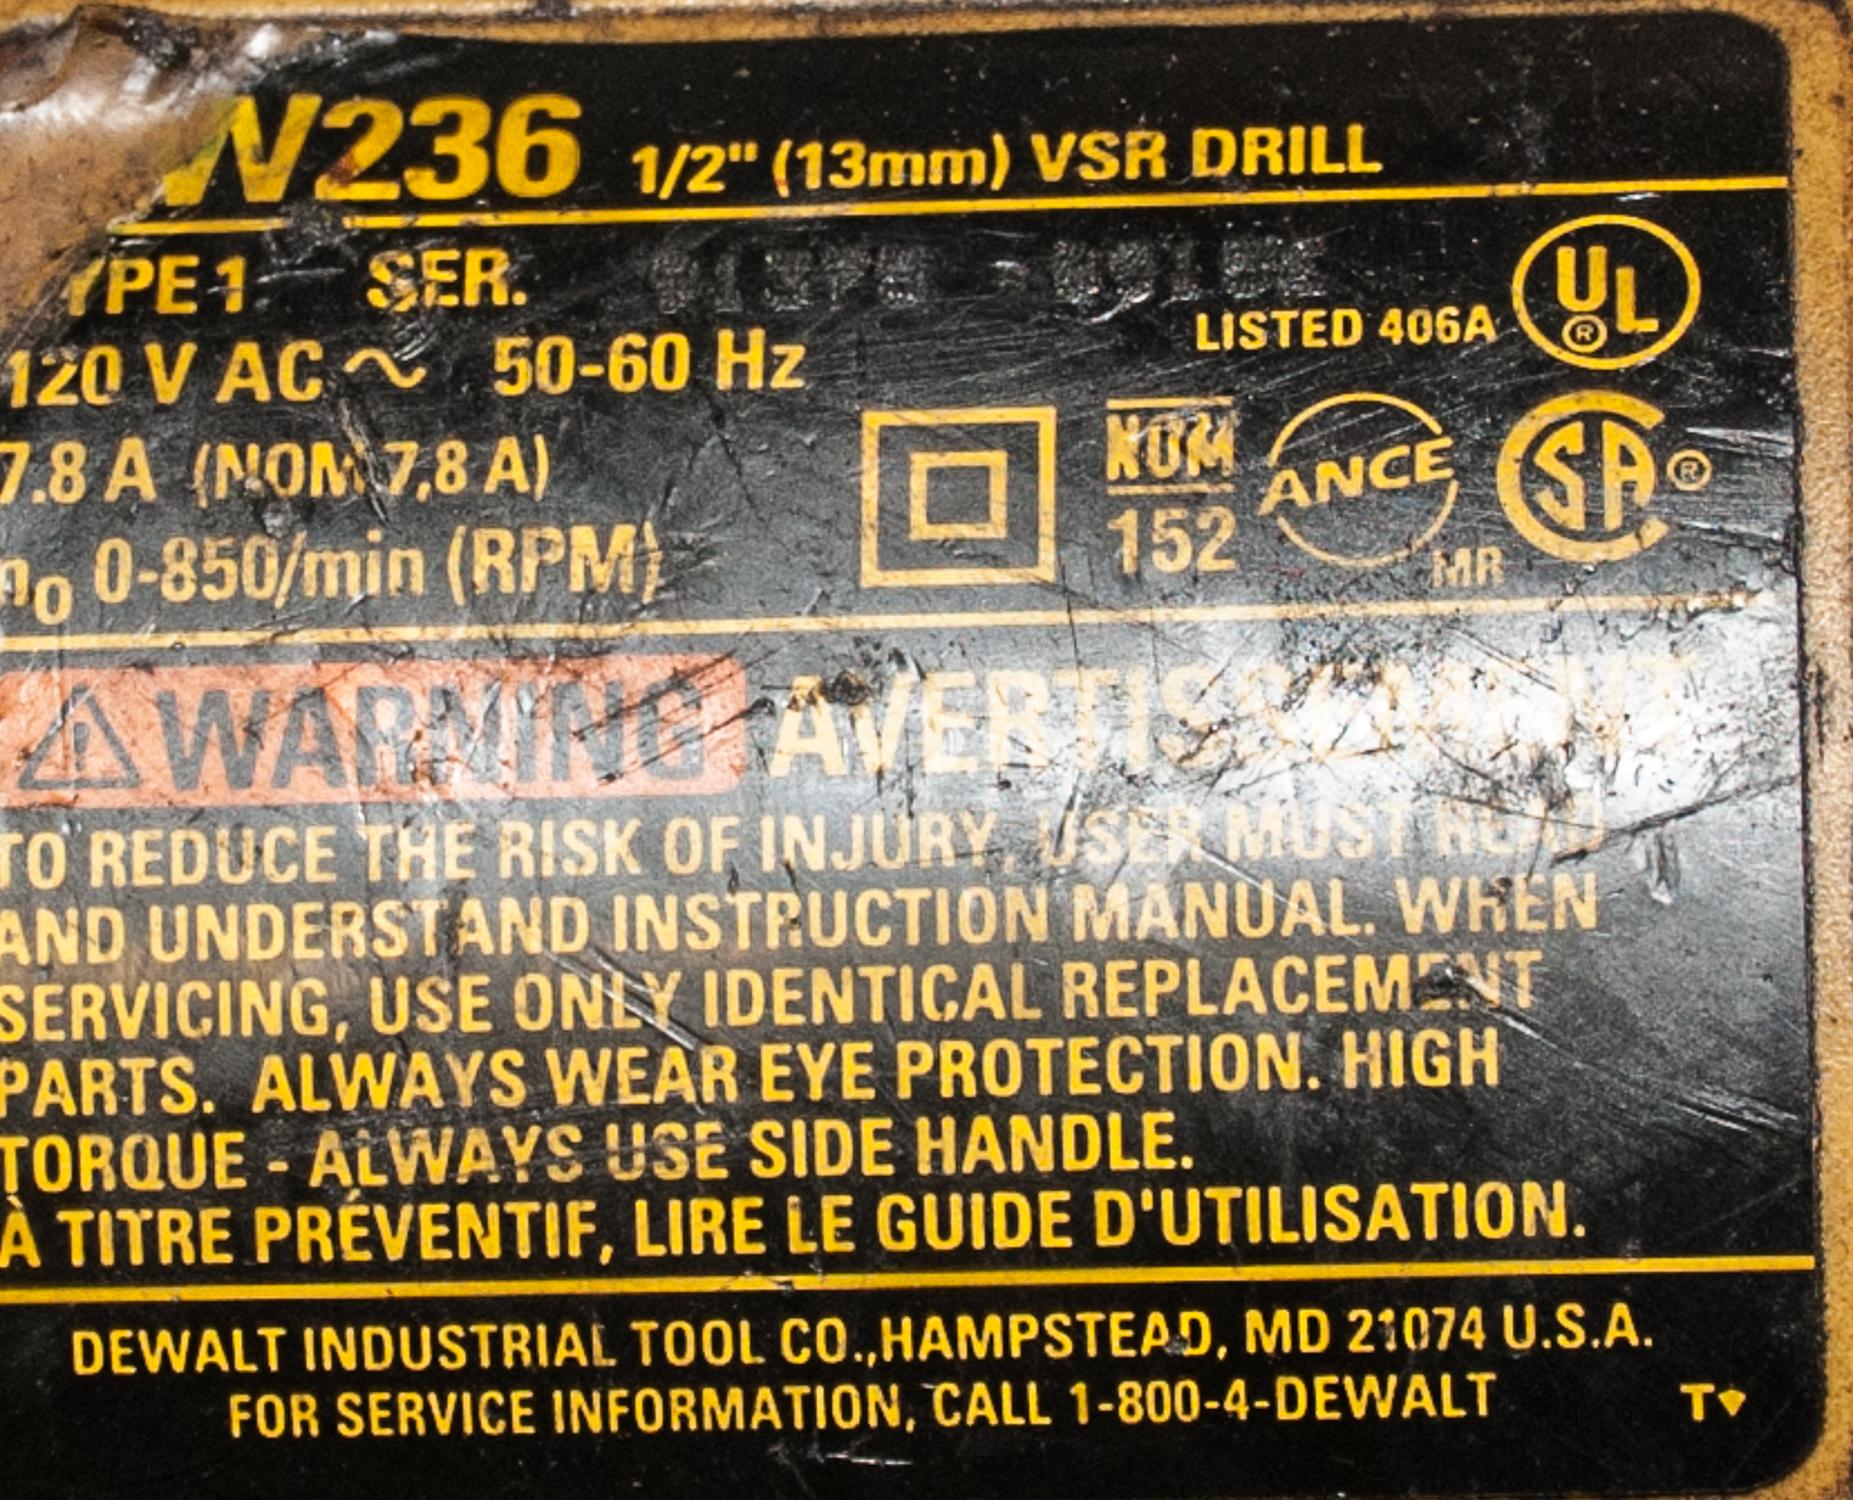 """DeWalt Mdl. W236 1/2"""" Electric VSR Drill & 7"""" DeWalt Angle Grinder - Image 2 of 2"""